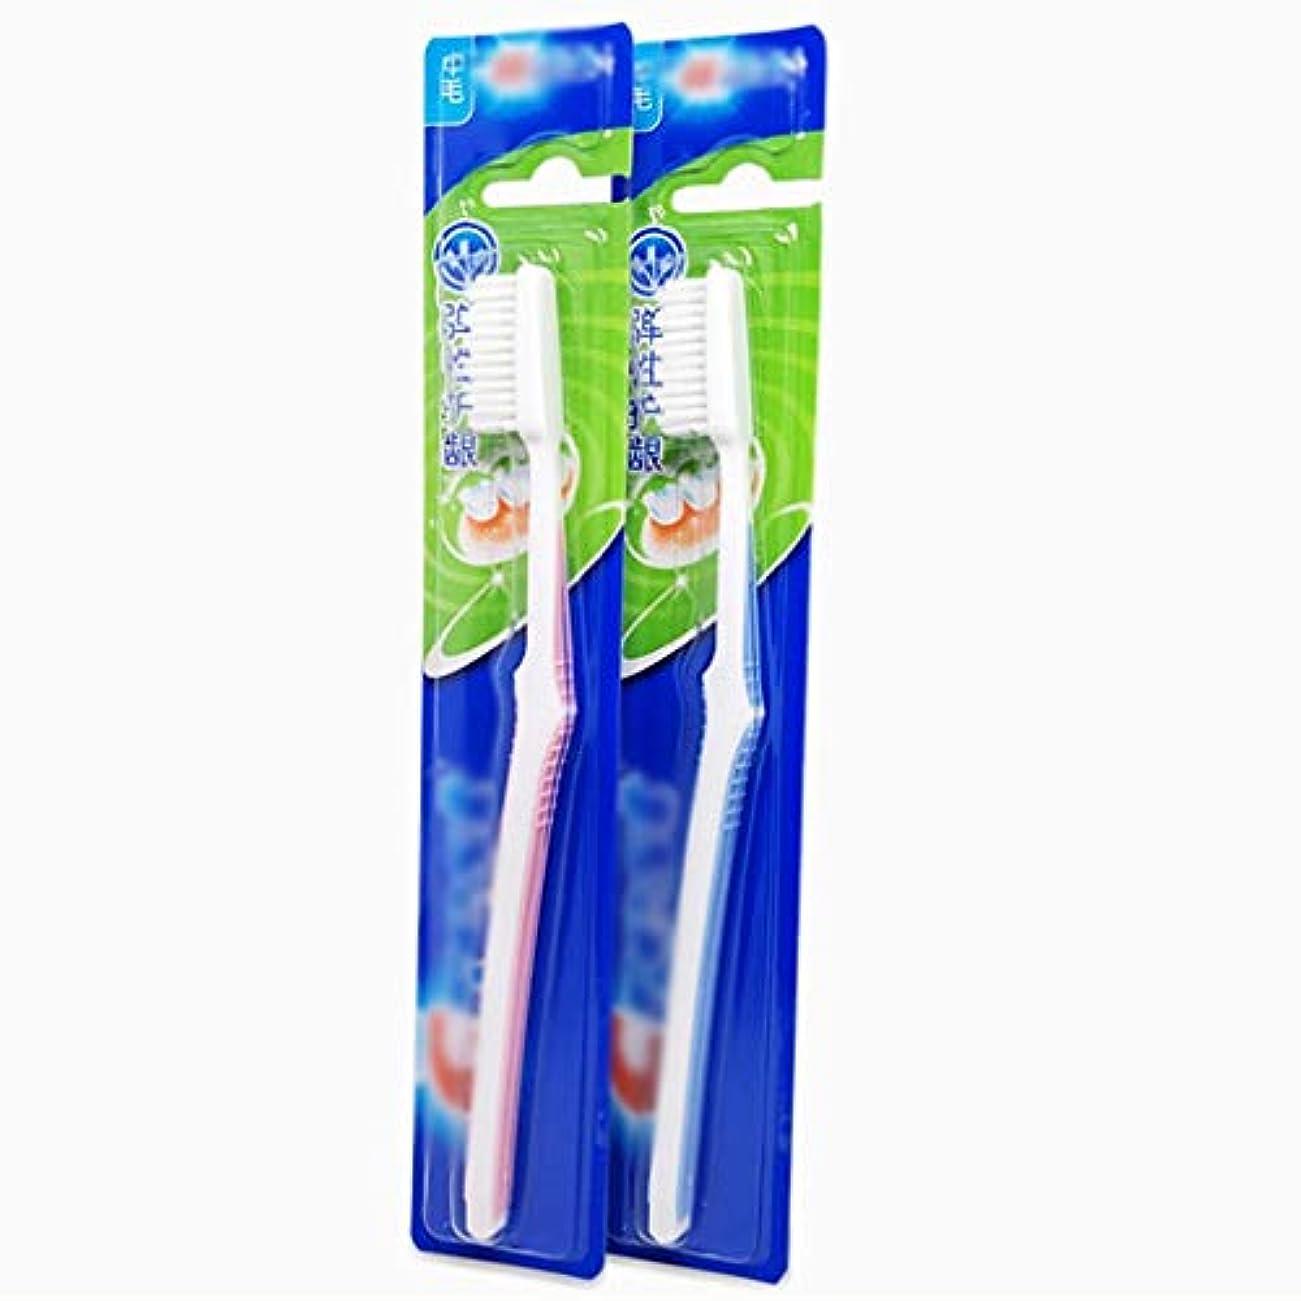 振り返る特殊弾丸クリーン歯ブラシ、ノンスリップハンドル歯ブラシ、12パック(ランダムカラー)